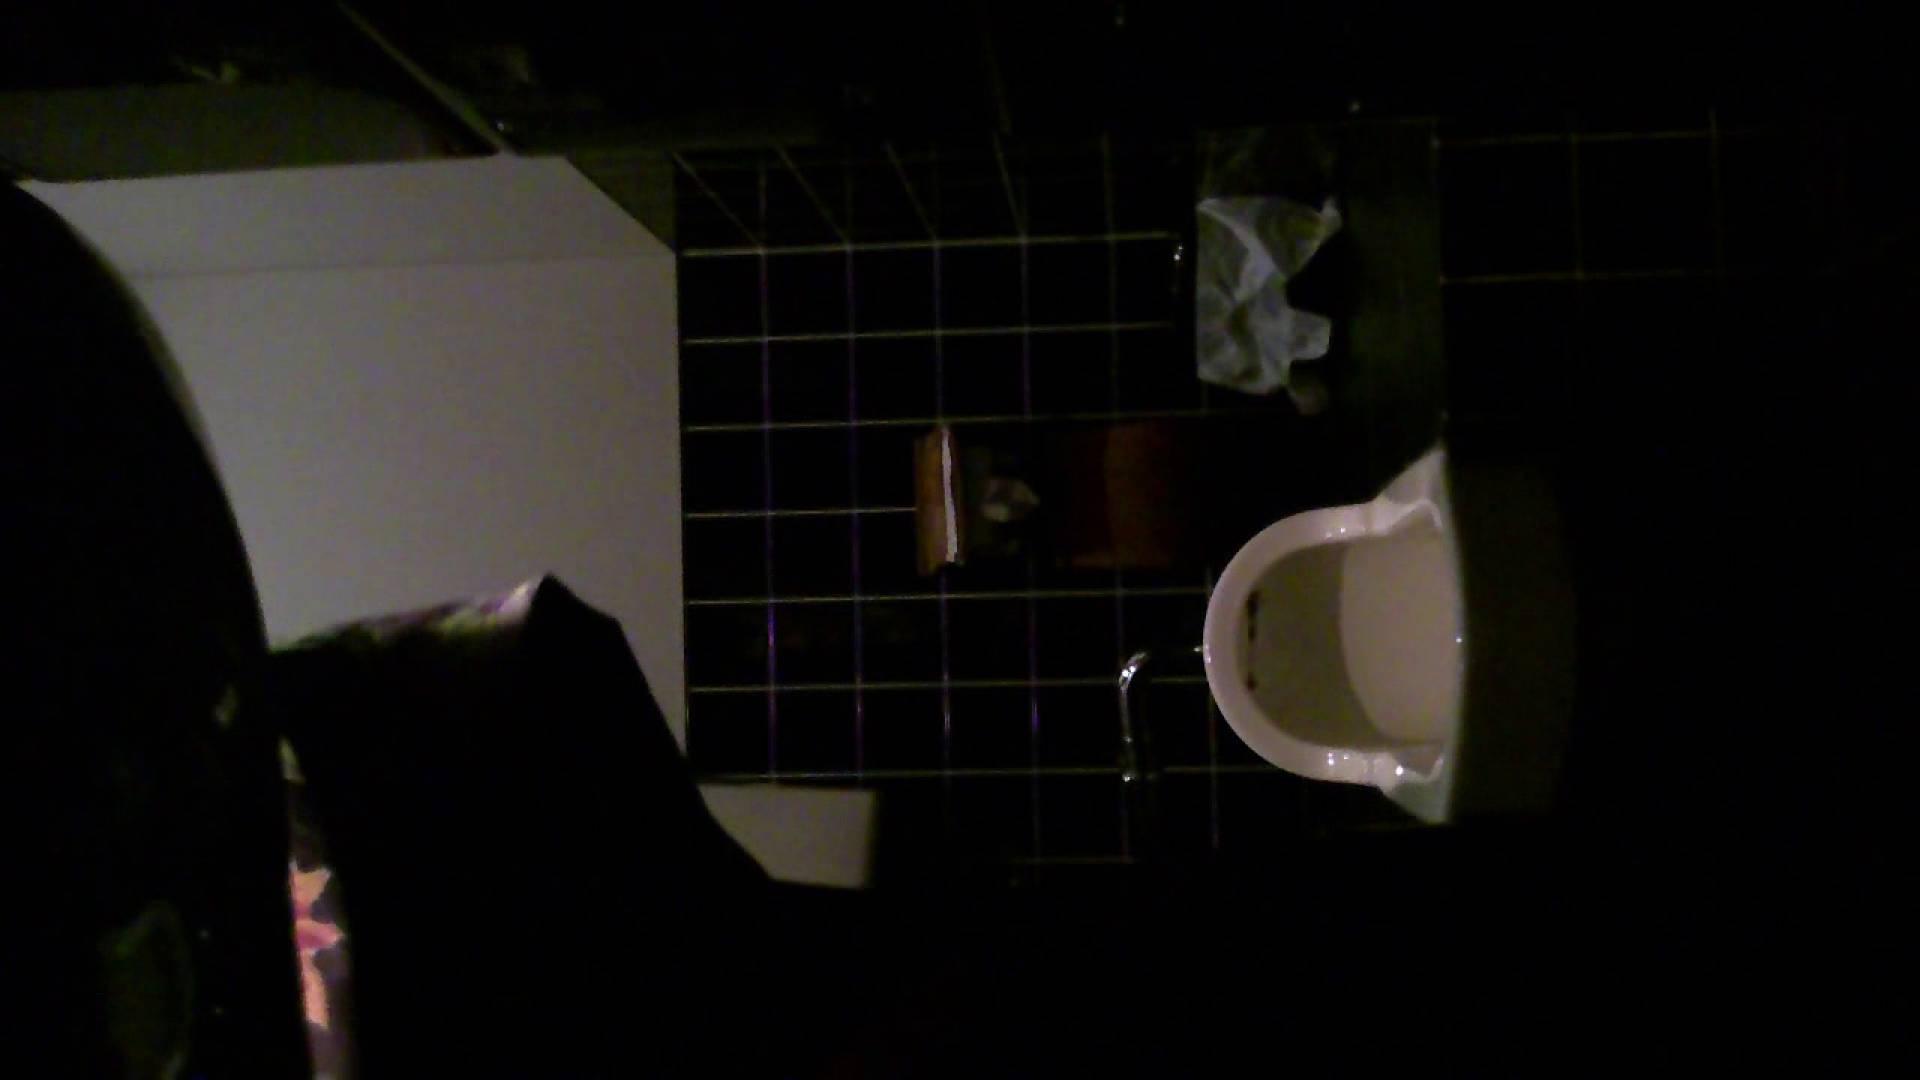 美女の集まる飲み屋洗面所 vol.04 モデル 盗み撮り動画キャプチャ 109連発 88